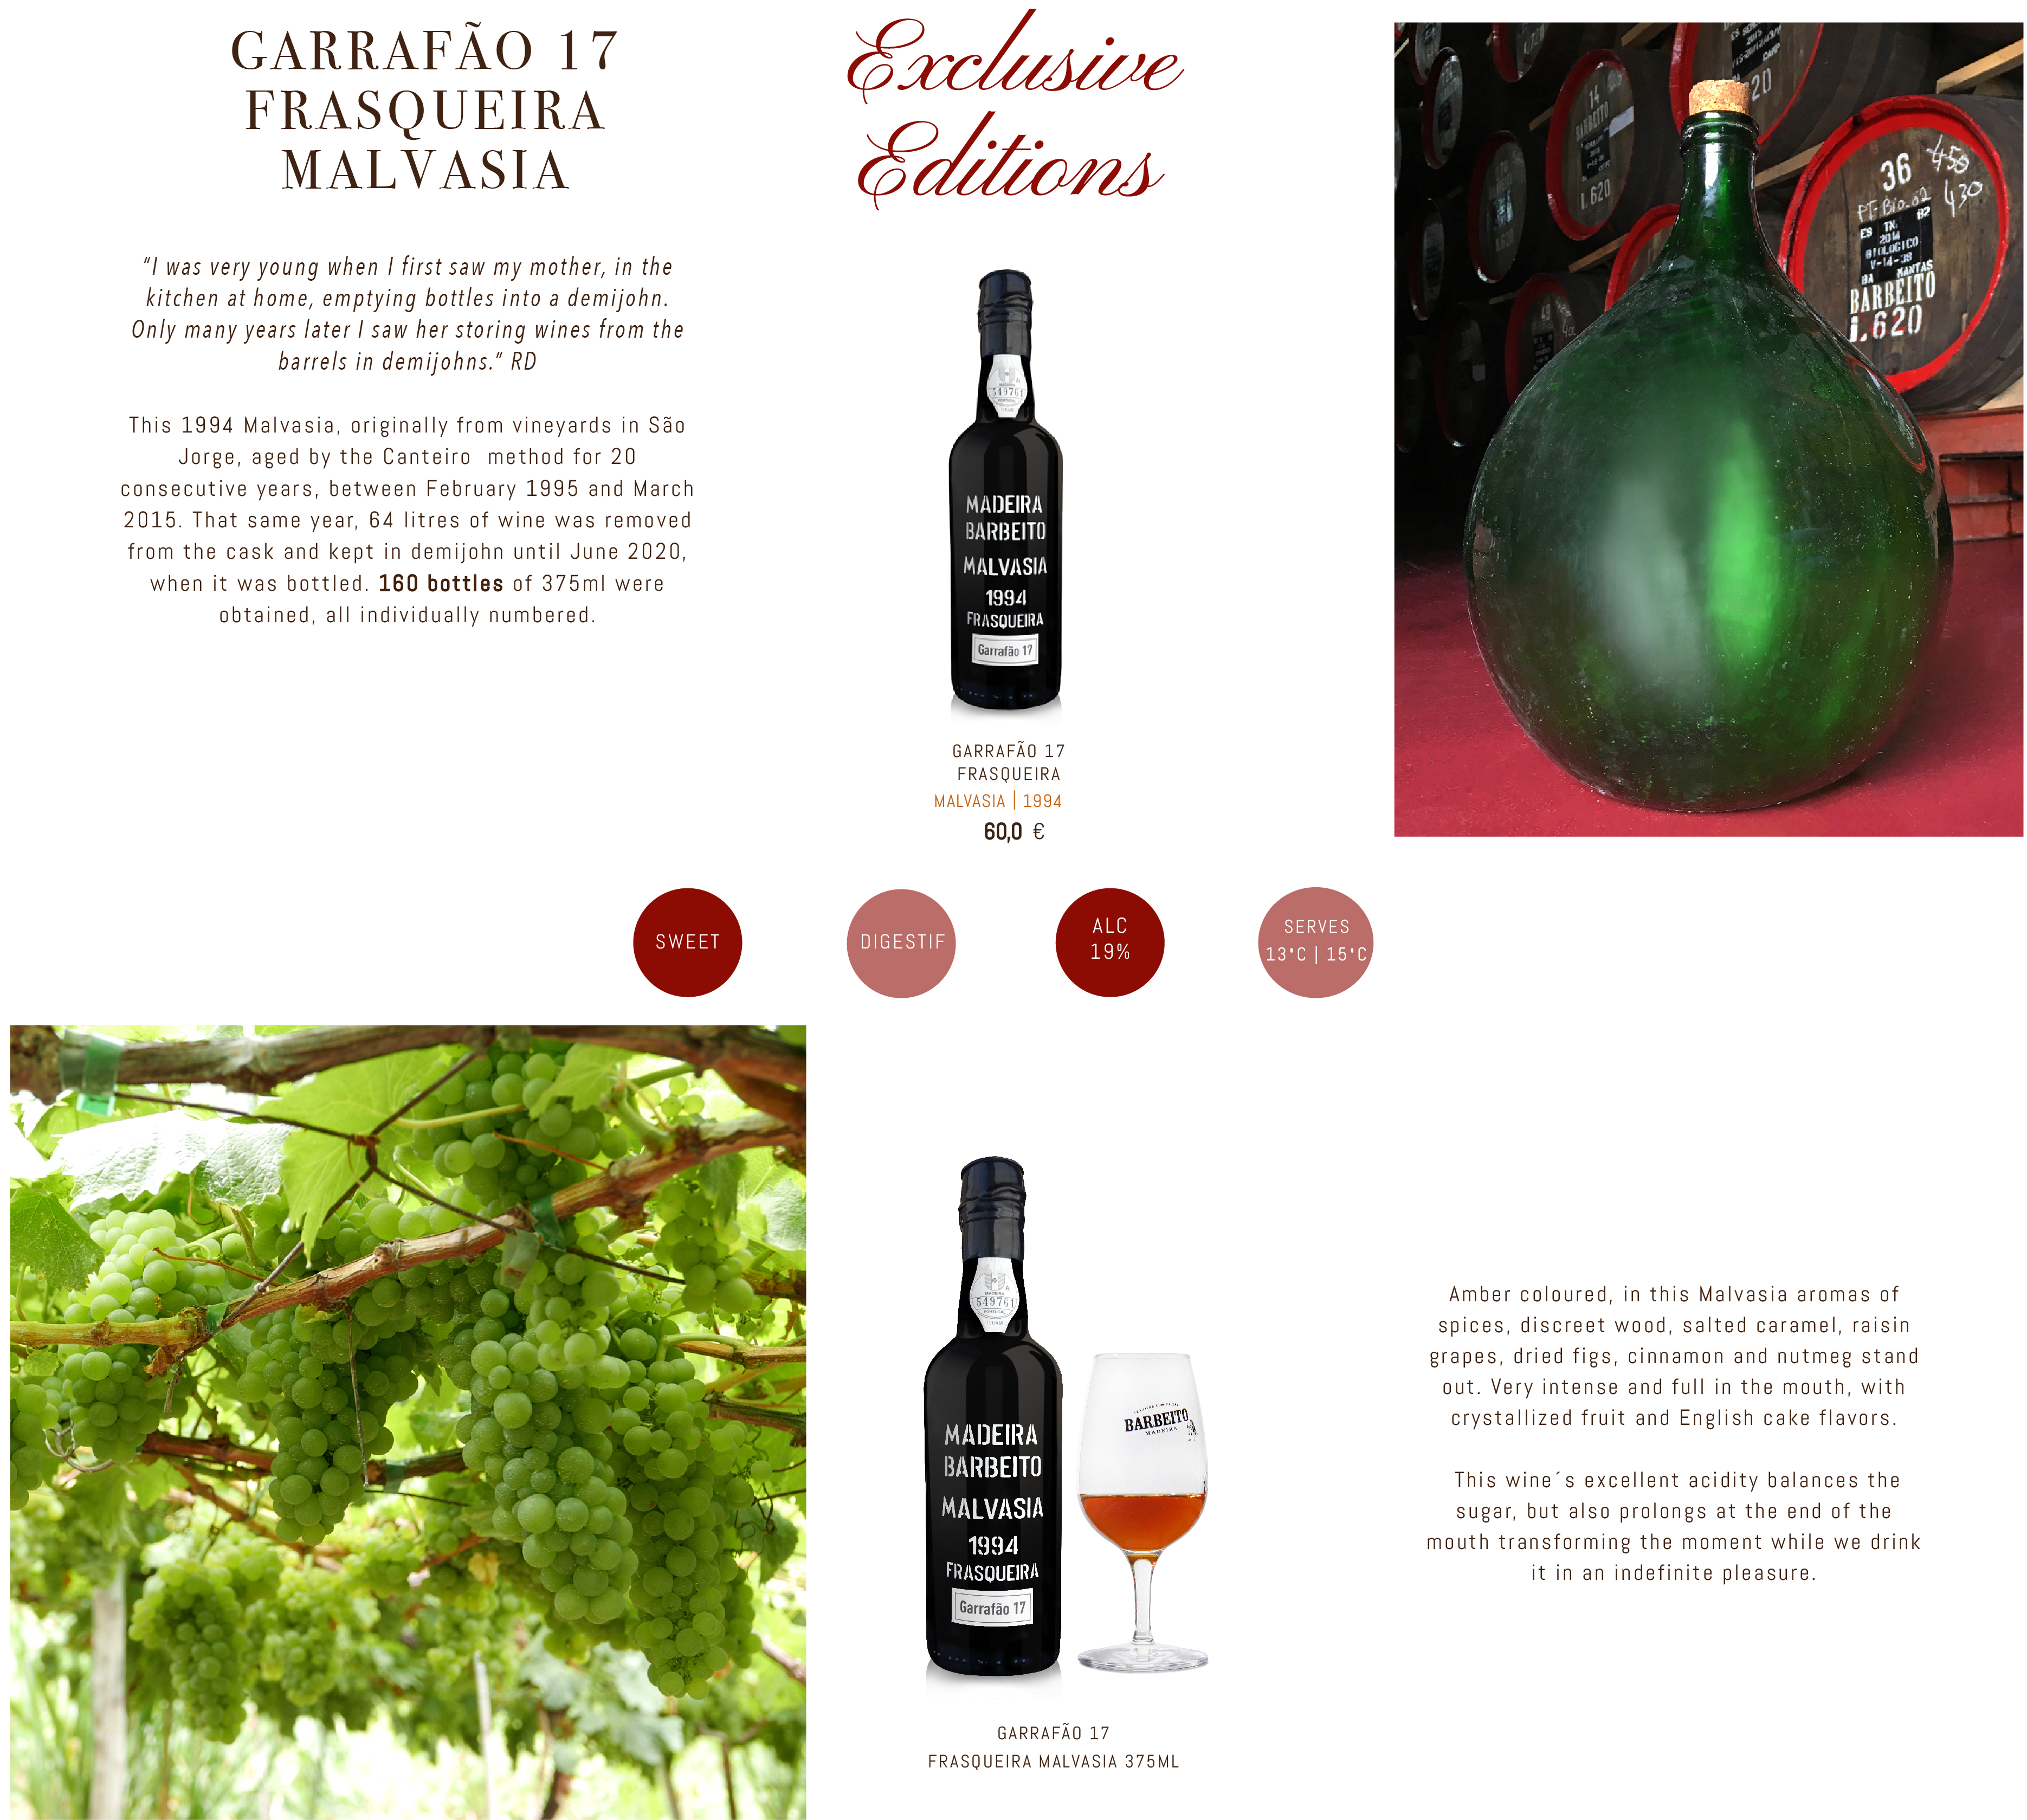 garrafao17-frasqueiras